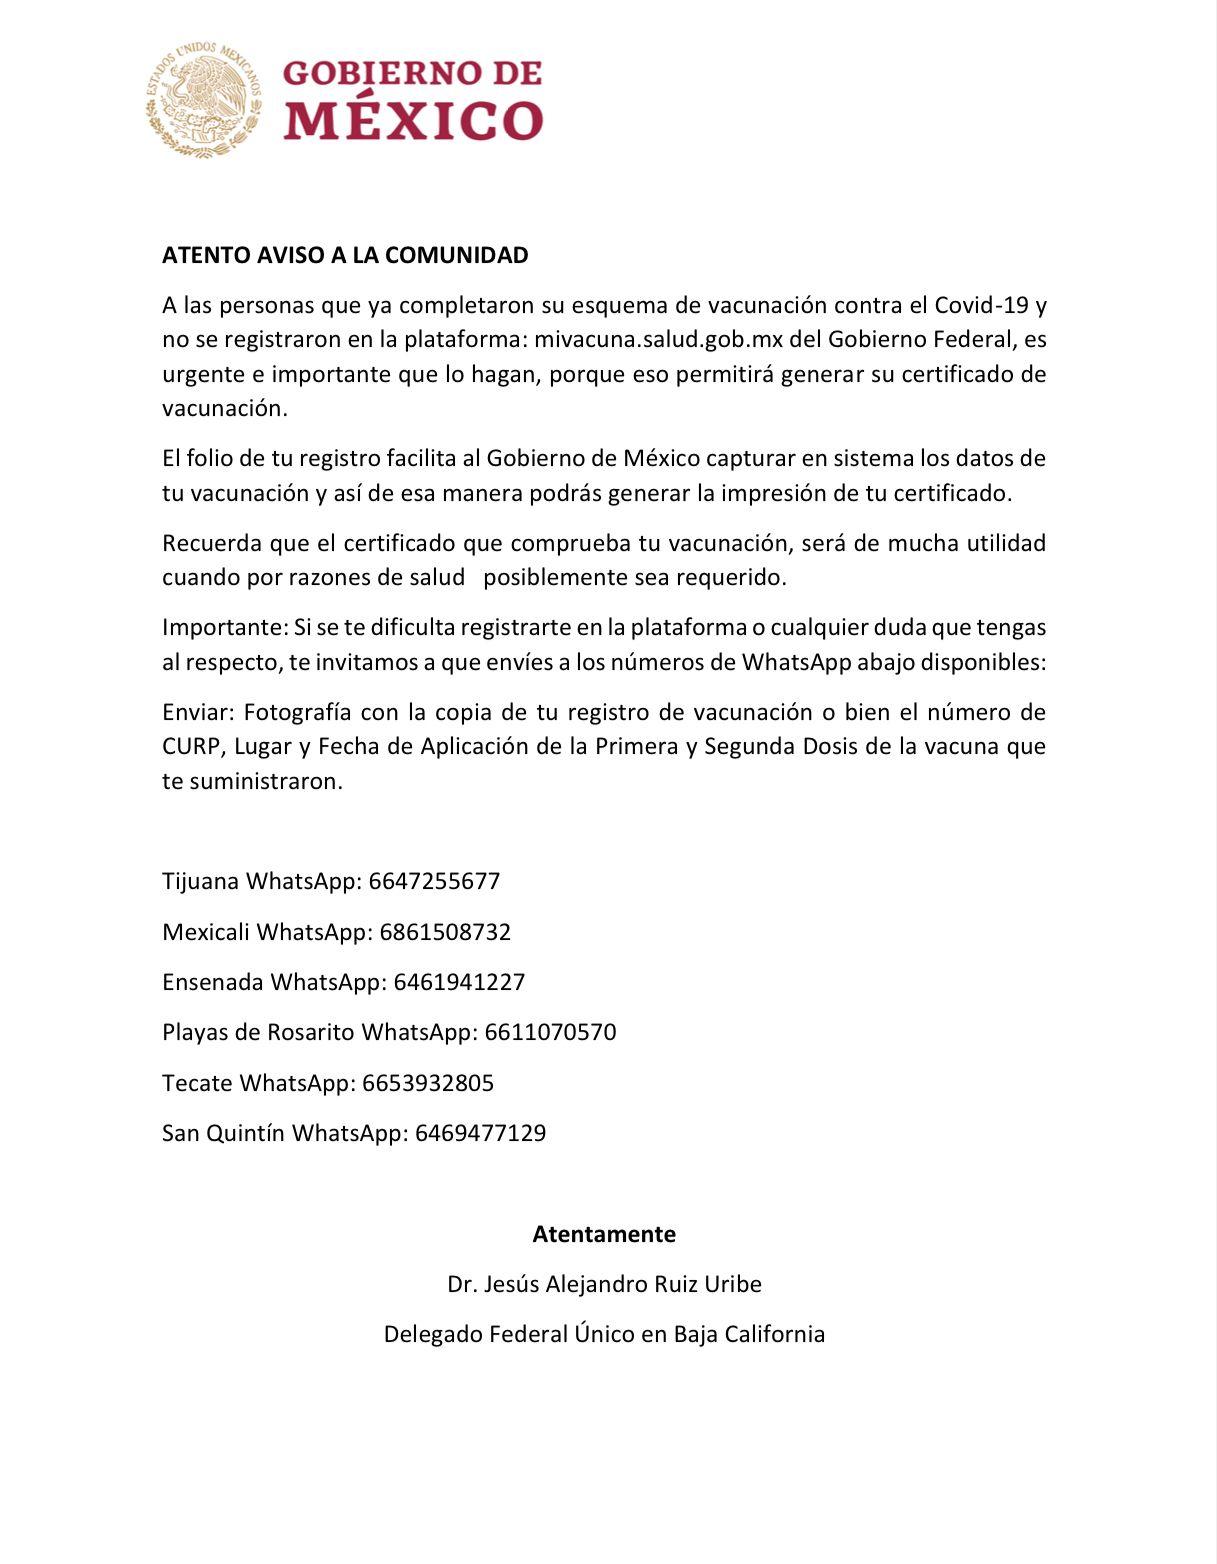 Hacen urgente llamado para obtener Certificado de Vacunación COVID-19